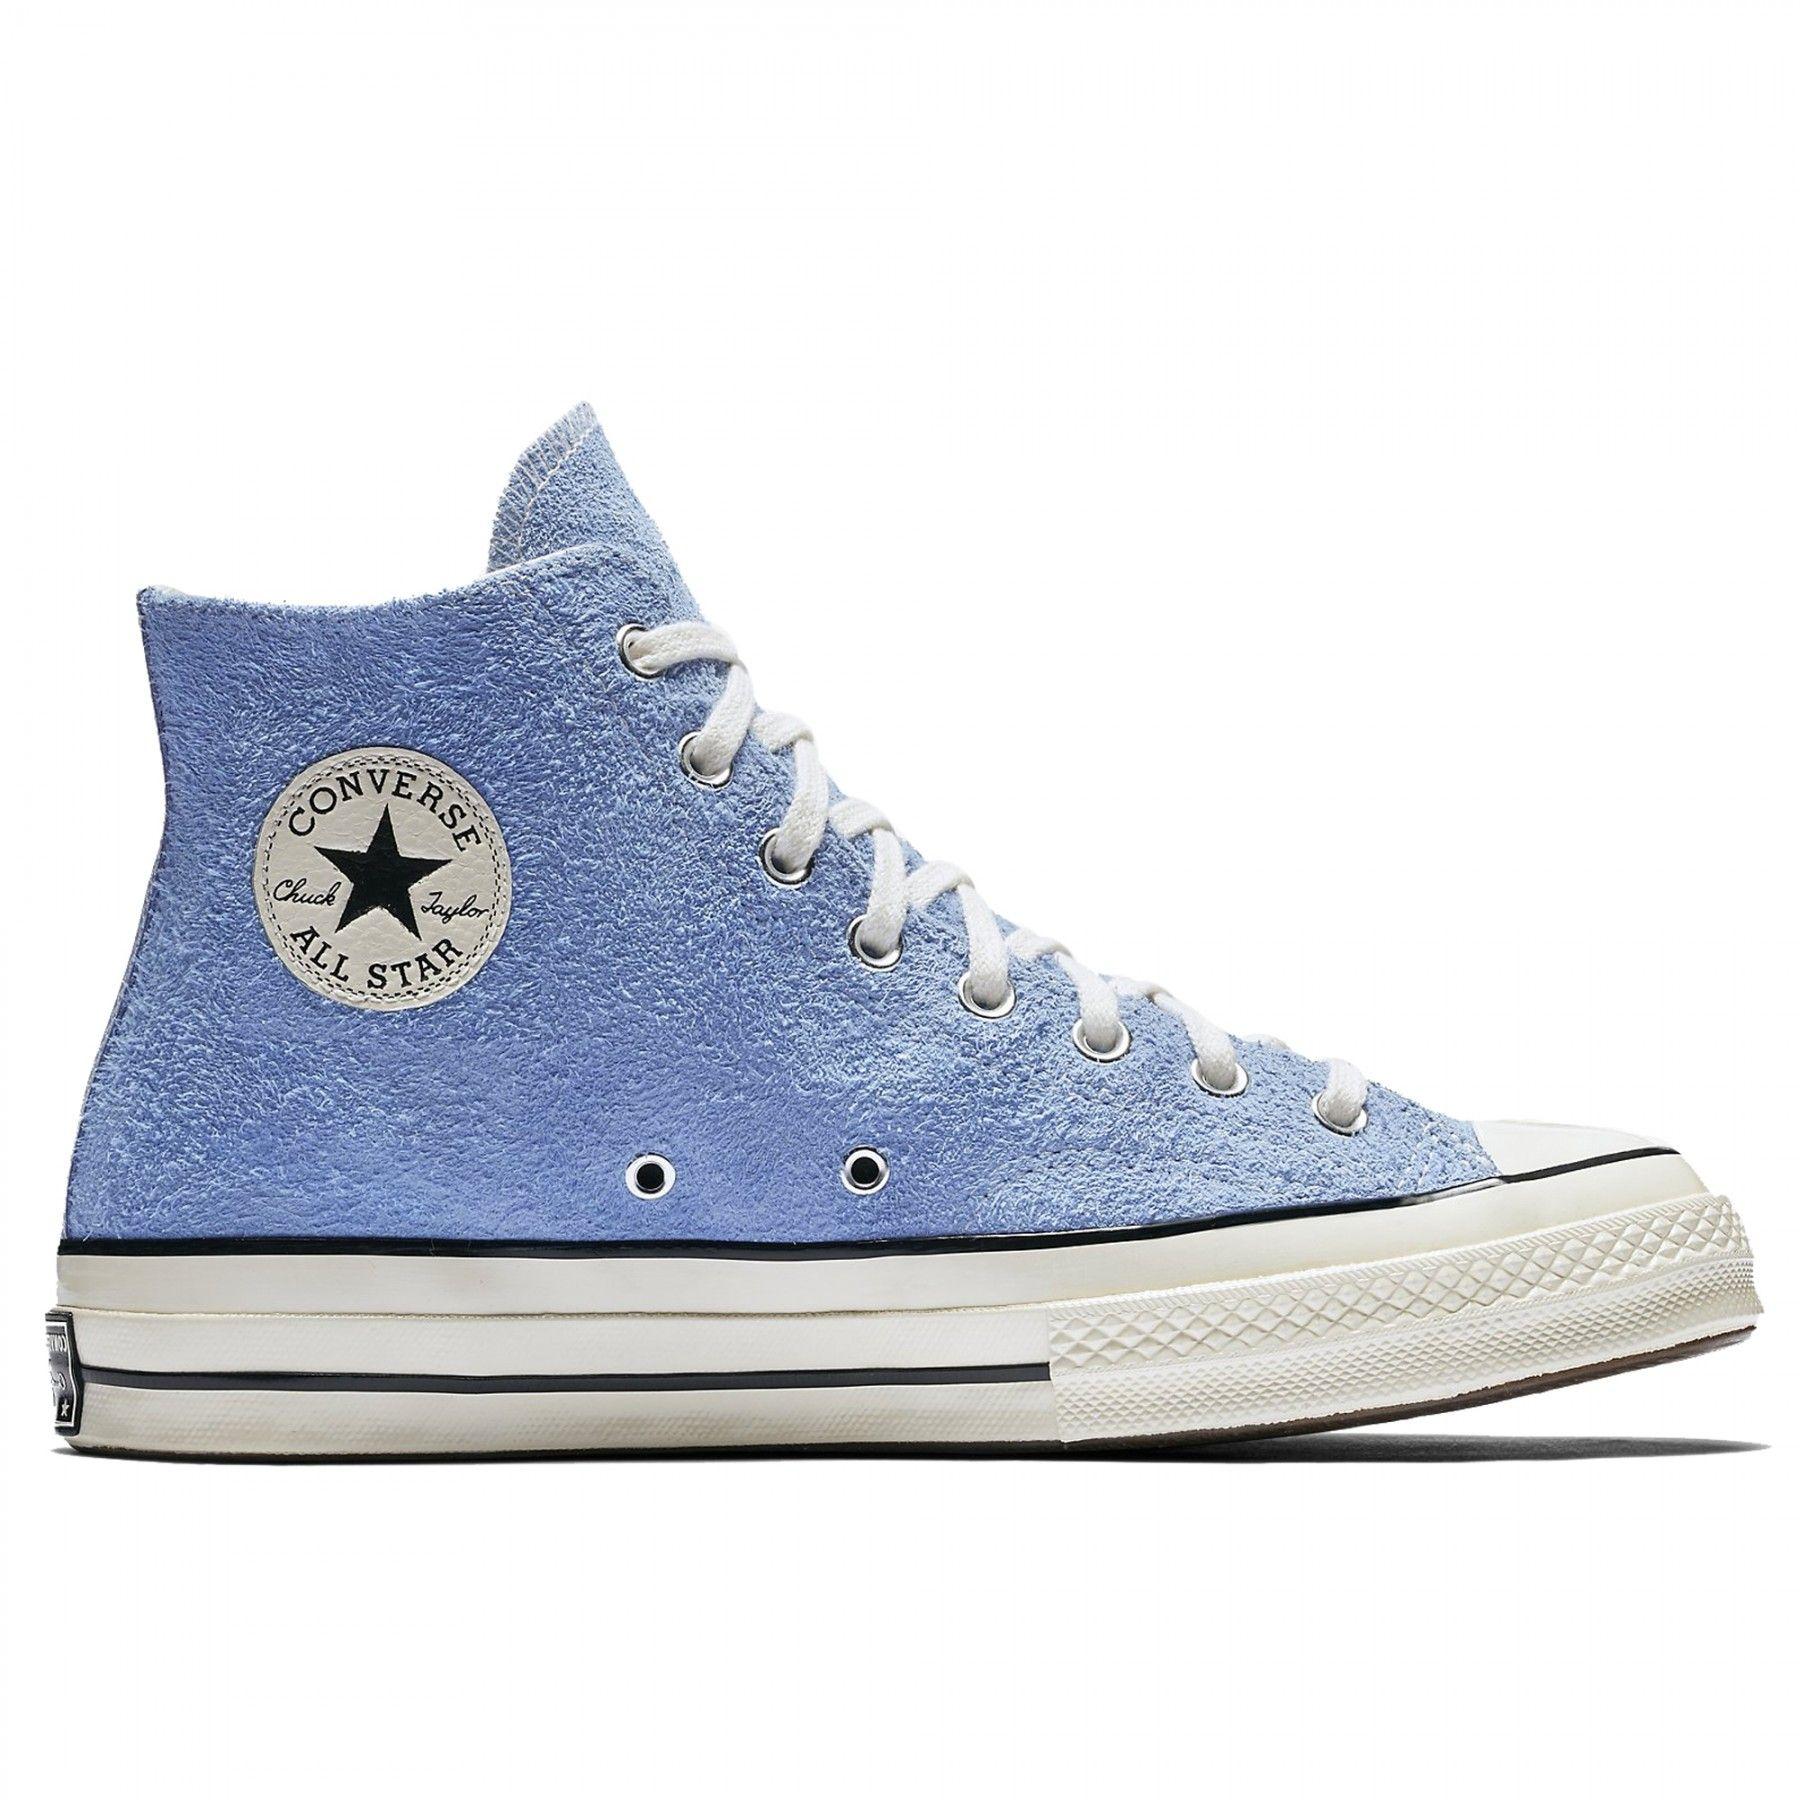 Converse Chuck Taylor All Star 70 HI Vintage Suede (Blue)